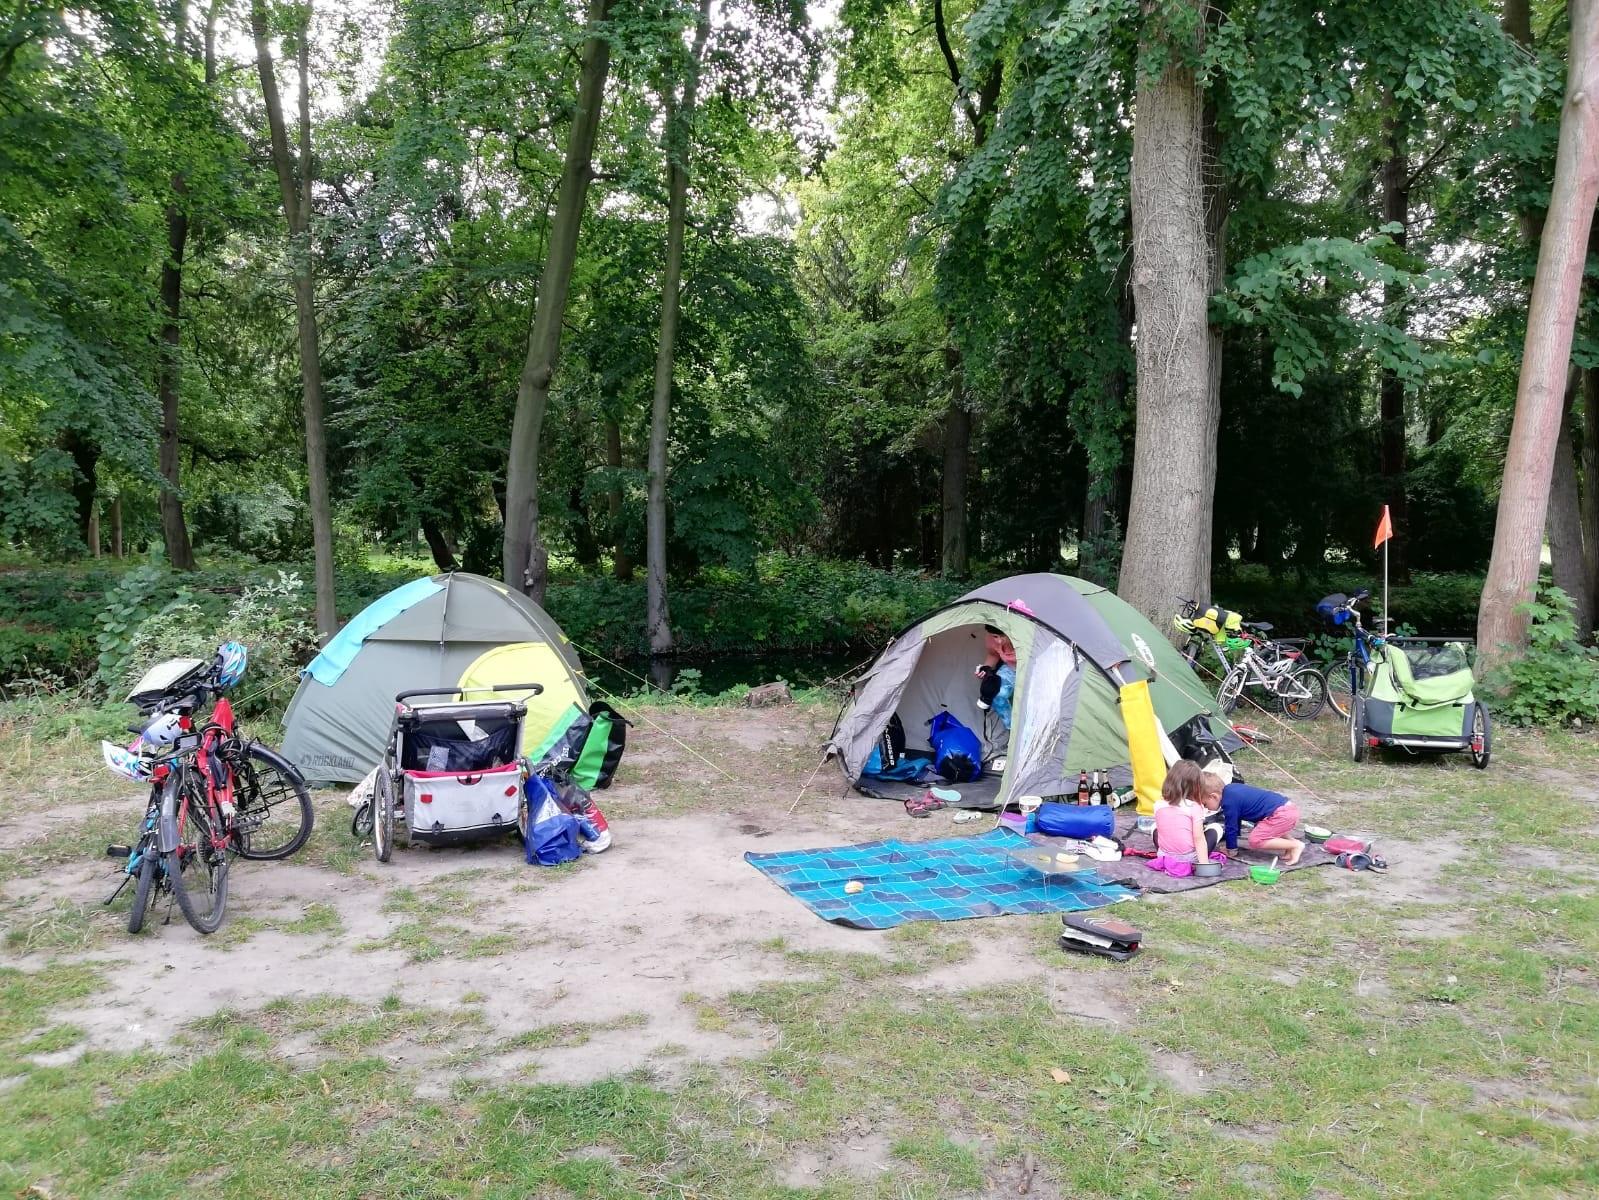 Namiot na wyjeździe rowerowym pozwala być niezależnym i ograniczyć koszty wyjazdu.